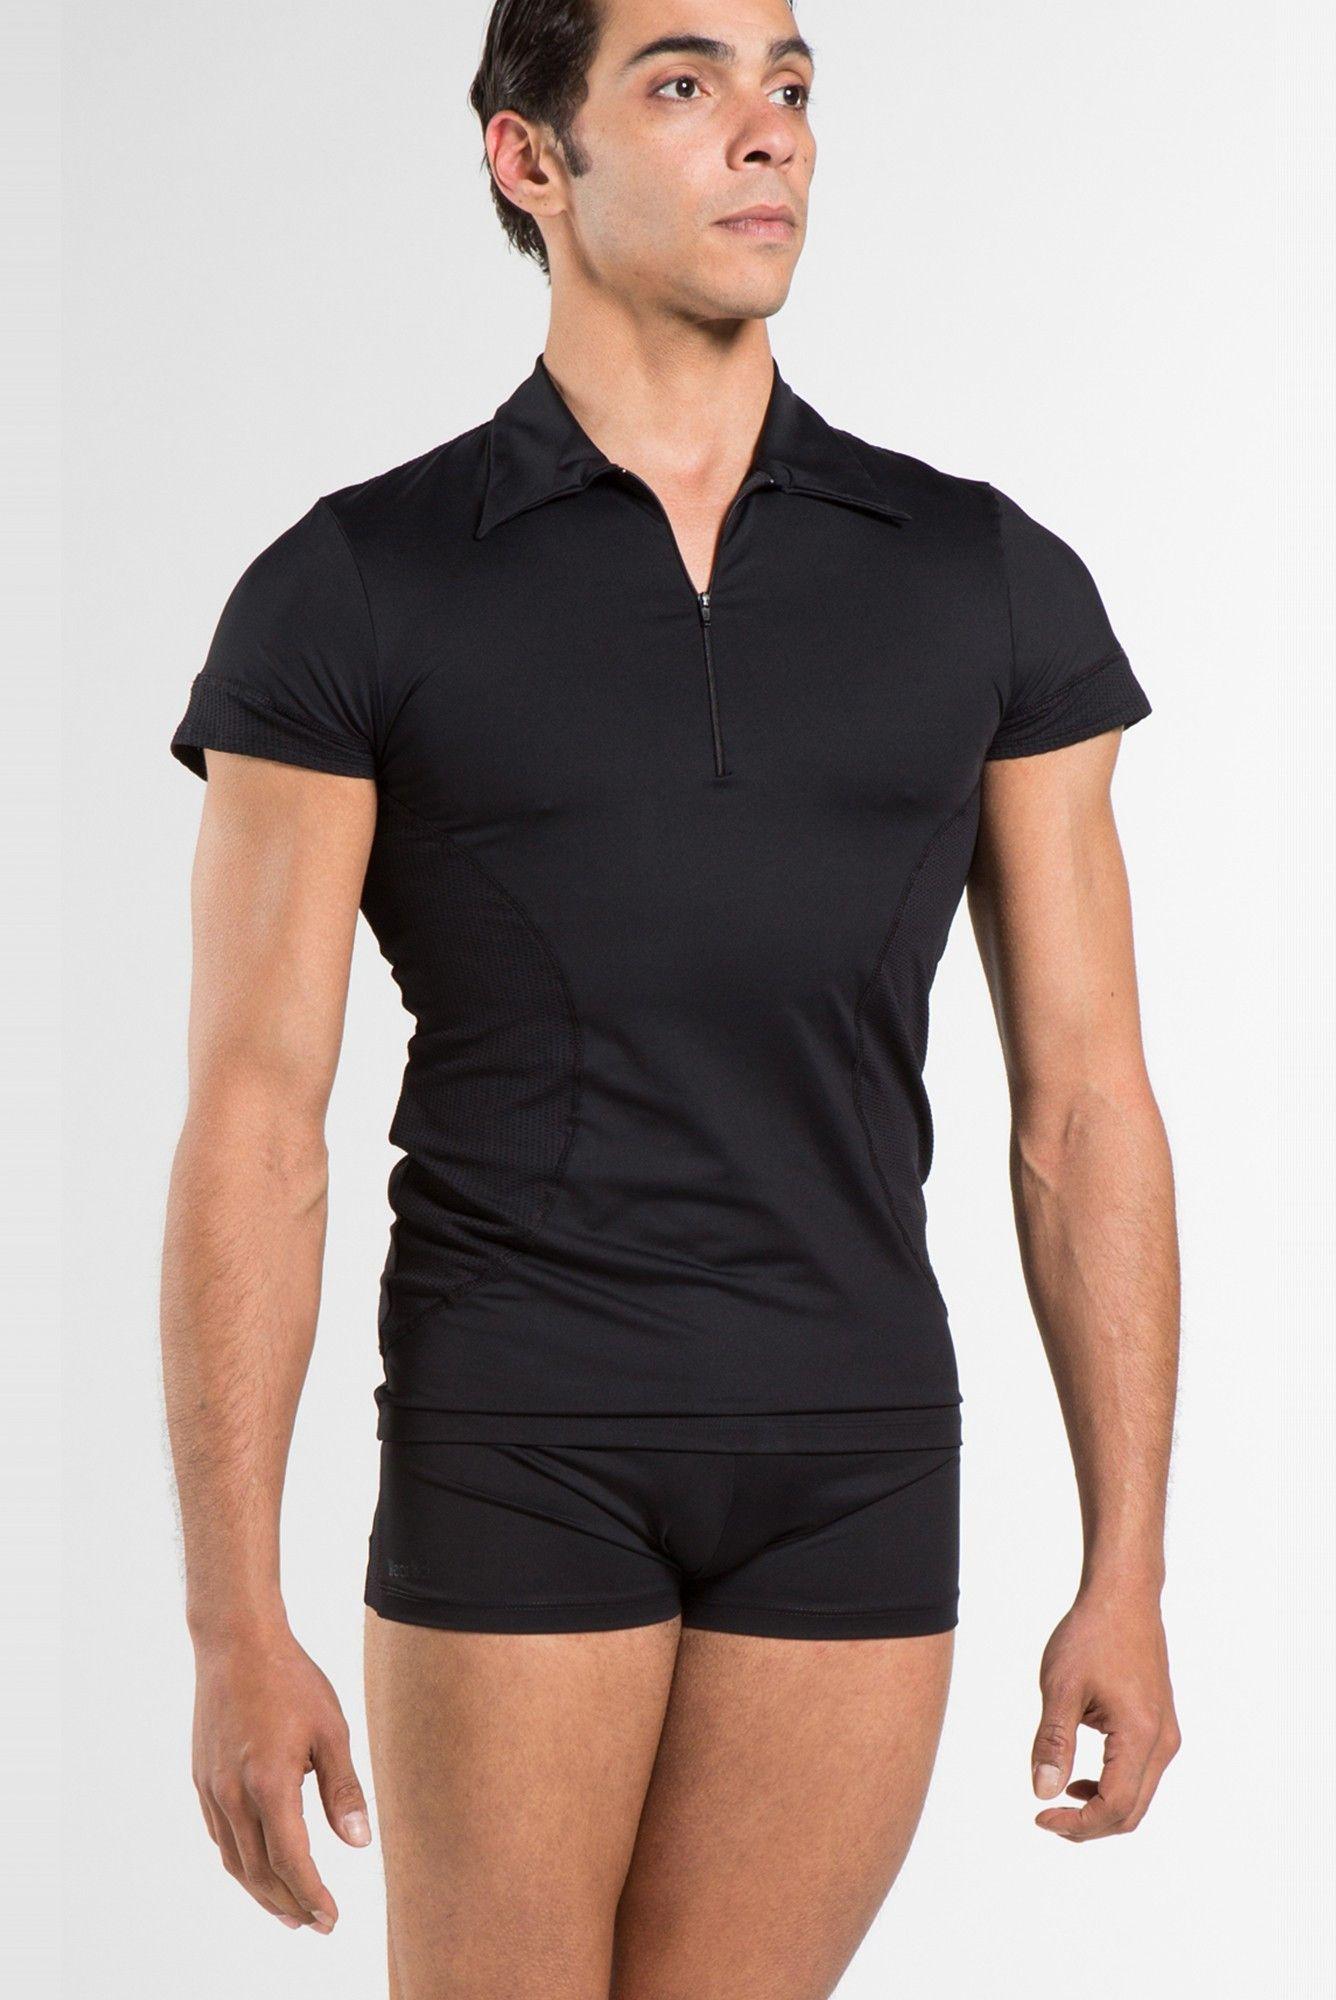 6d1d24323 Aragon Men s Tshirt